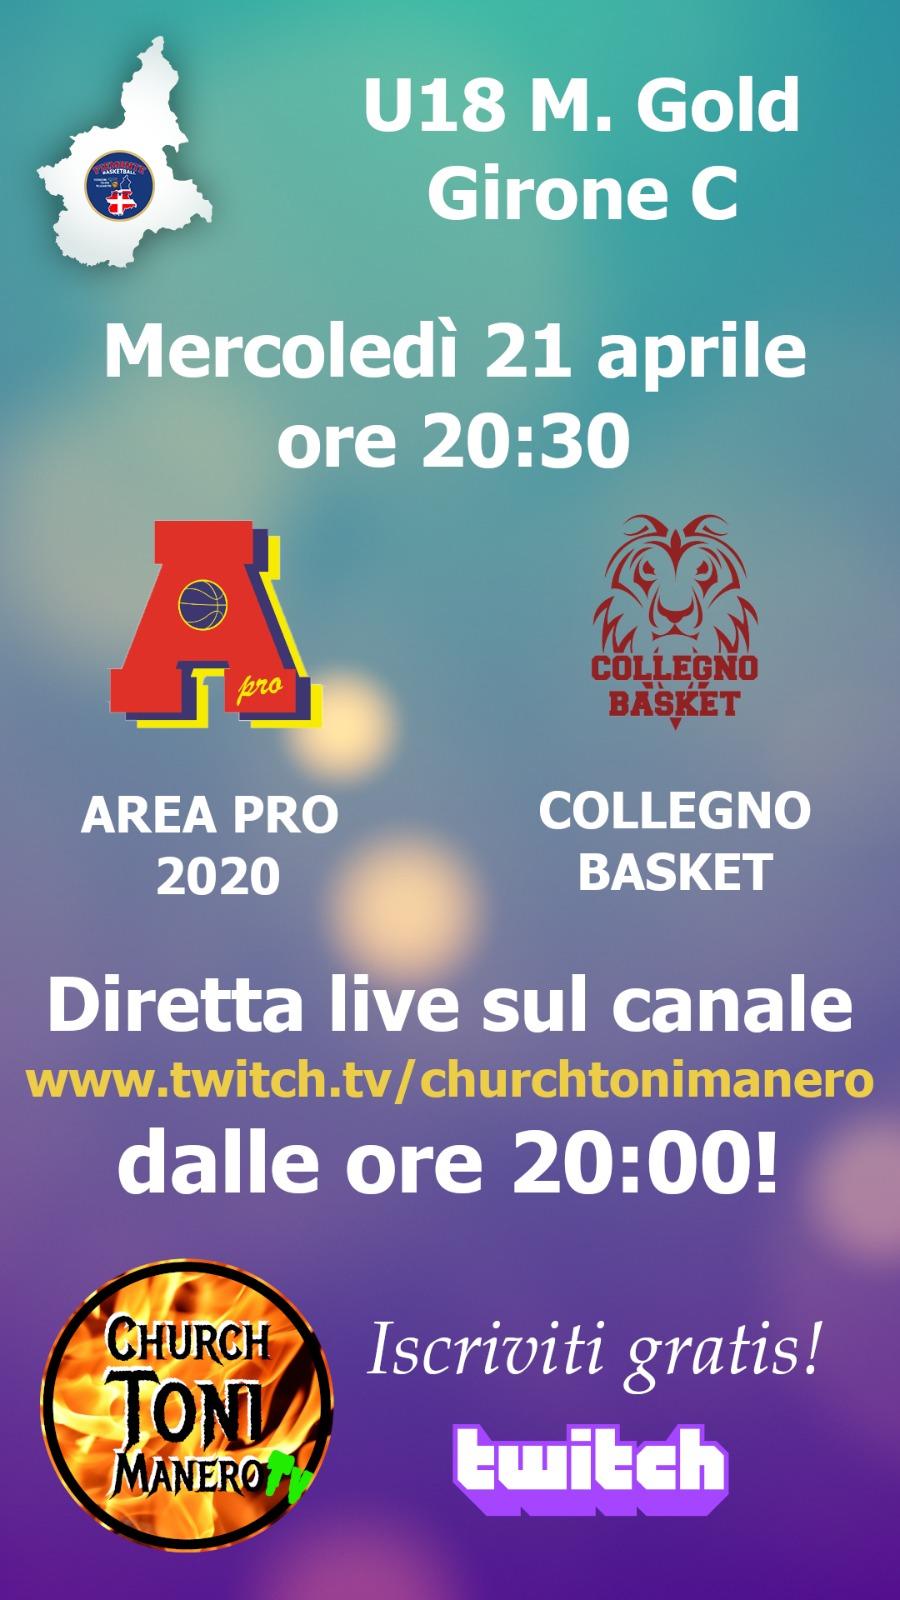 Under 18 gold: Area Pro 2020 vs Collegno. Diretta web.tv su churchtonimanero. Guarda in seguito la registrazione.